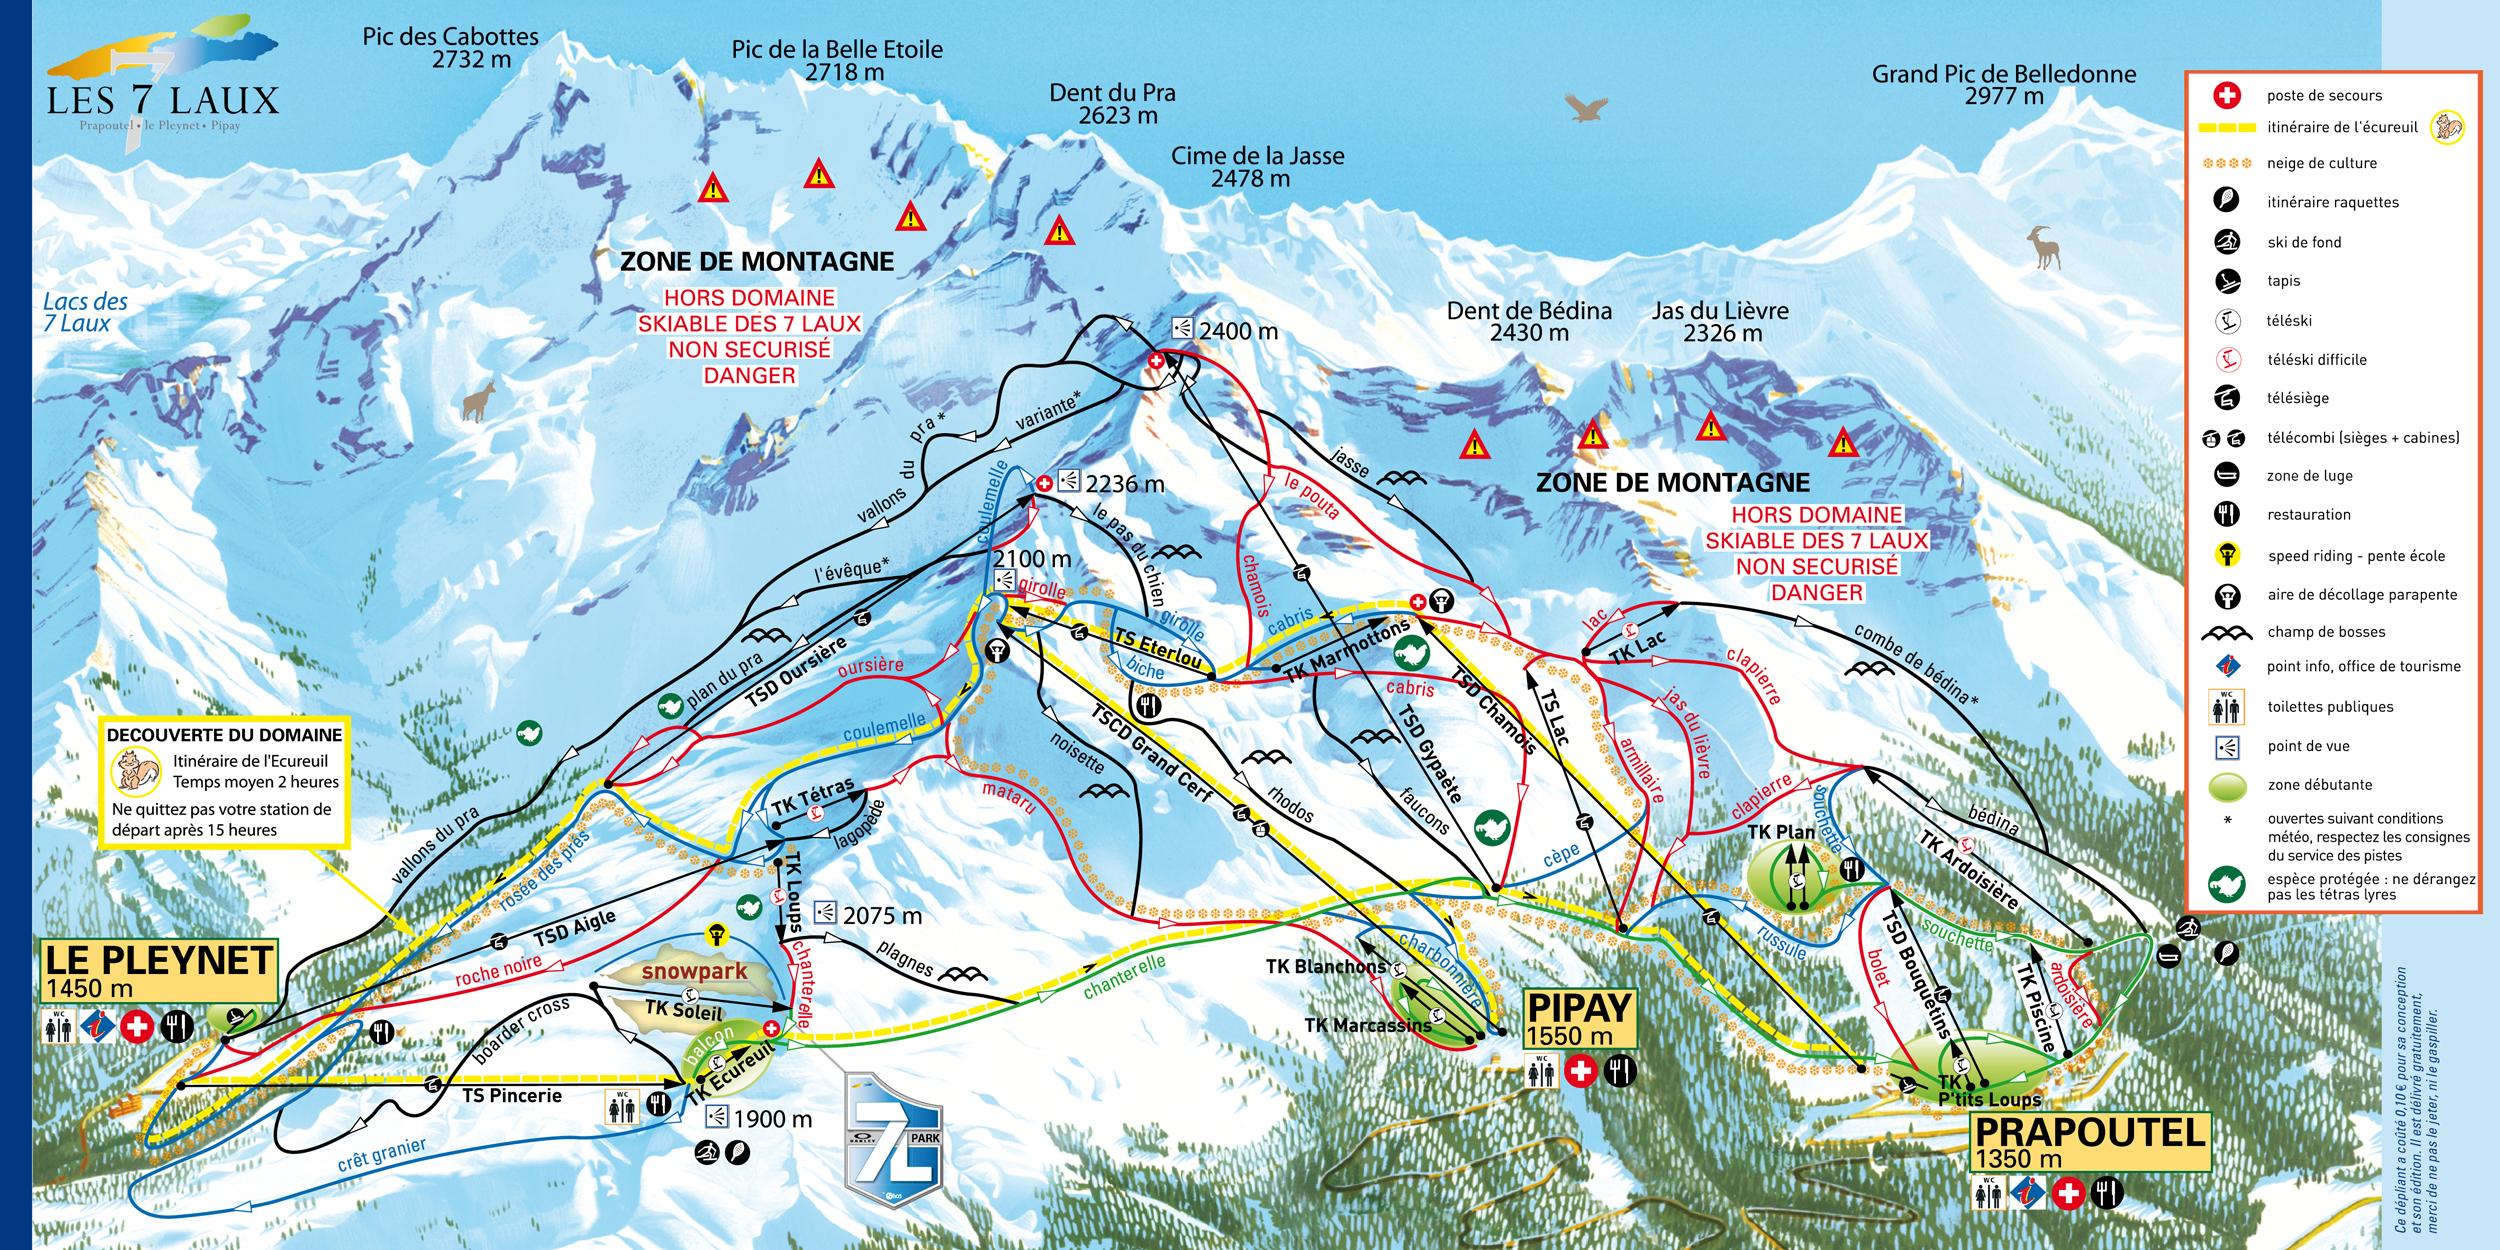 Les 7 Laux Piste / Trail Map